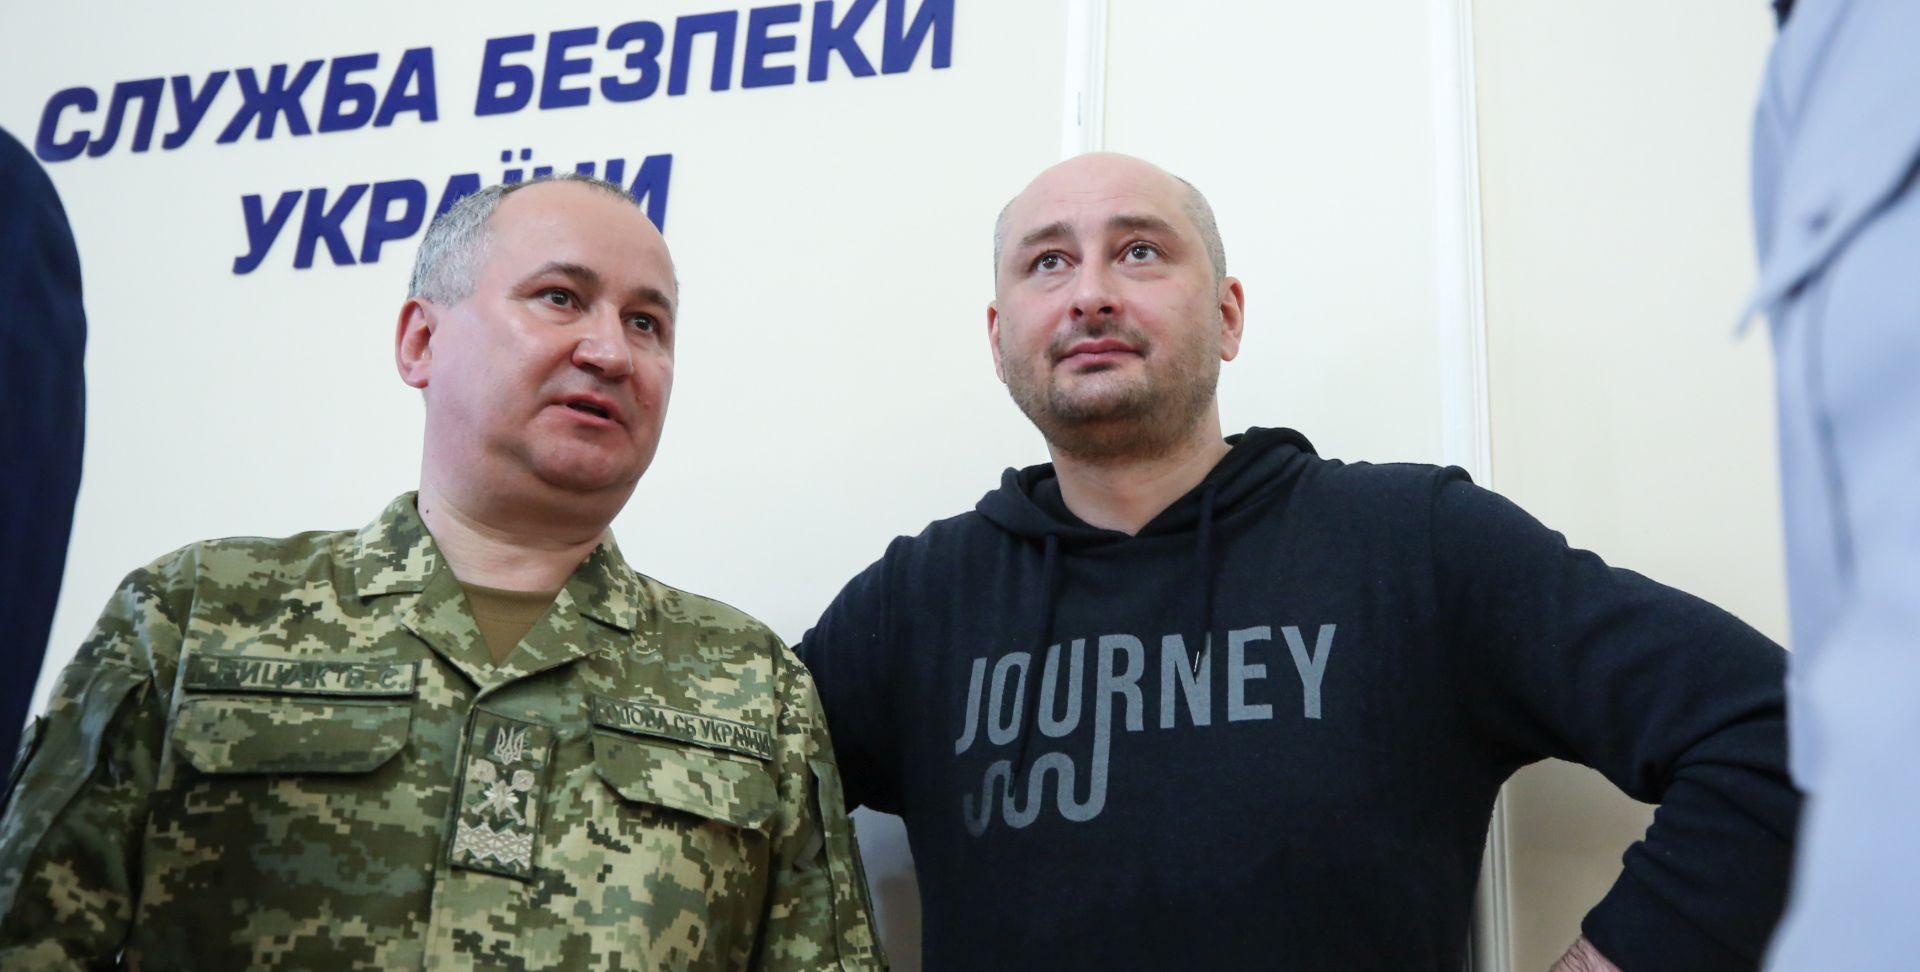 Kijev na meti kritika zbog lažiranja smrti ruskog novinara